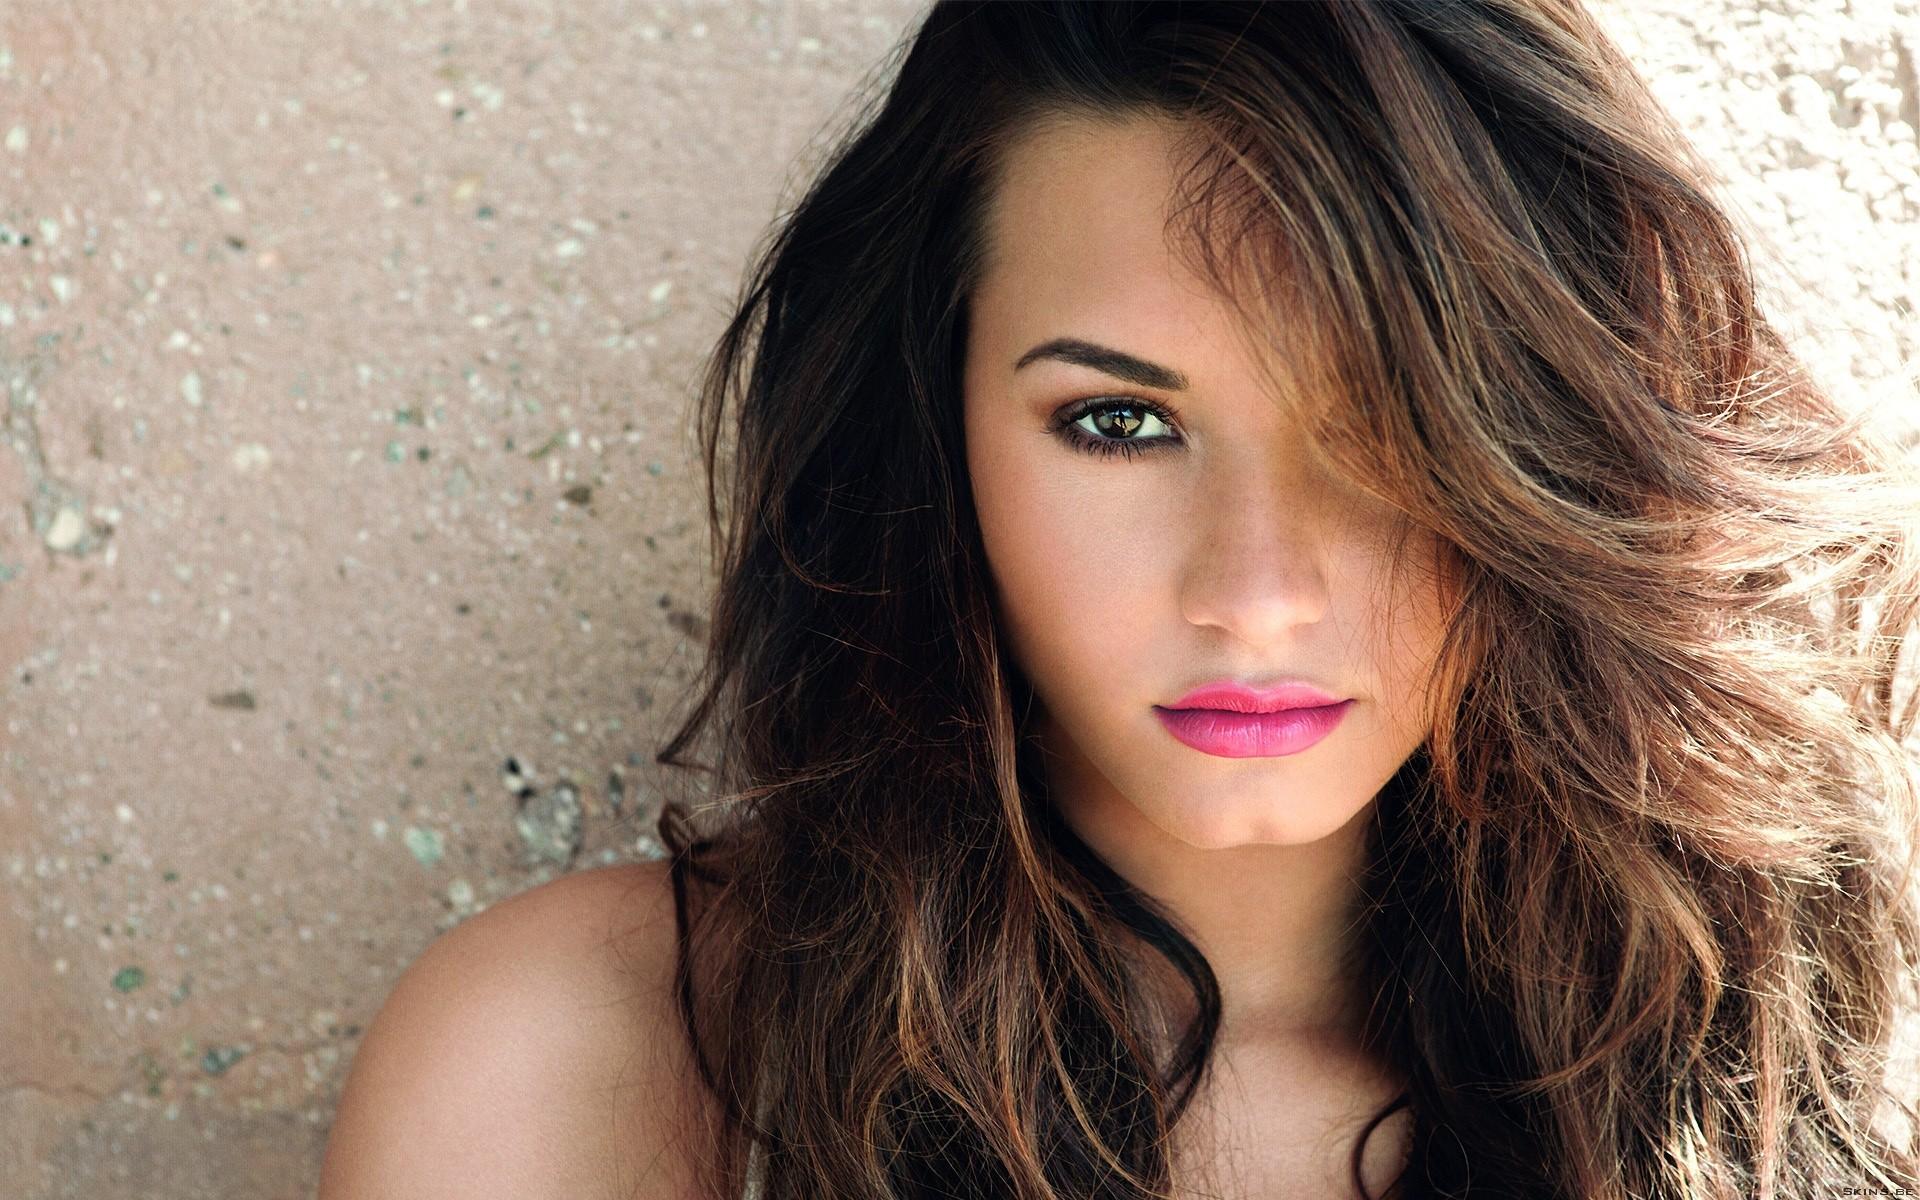 Demi Lovato 2013 - 1920x1200